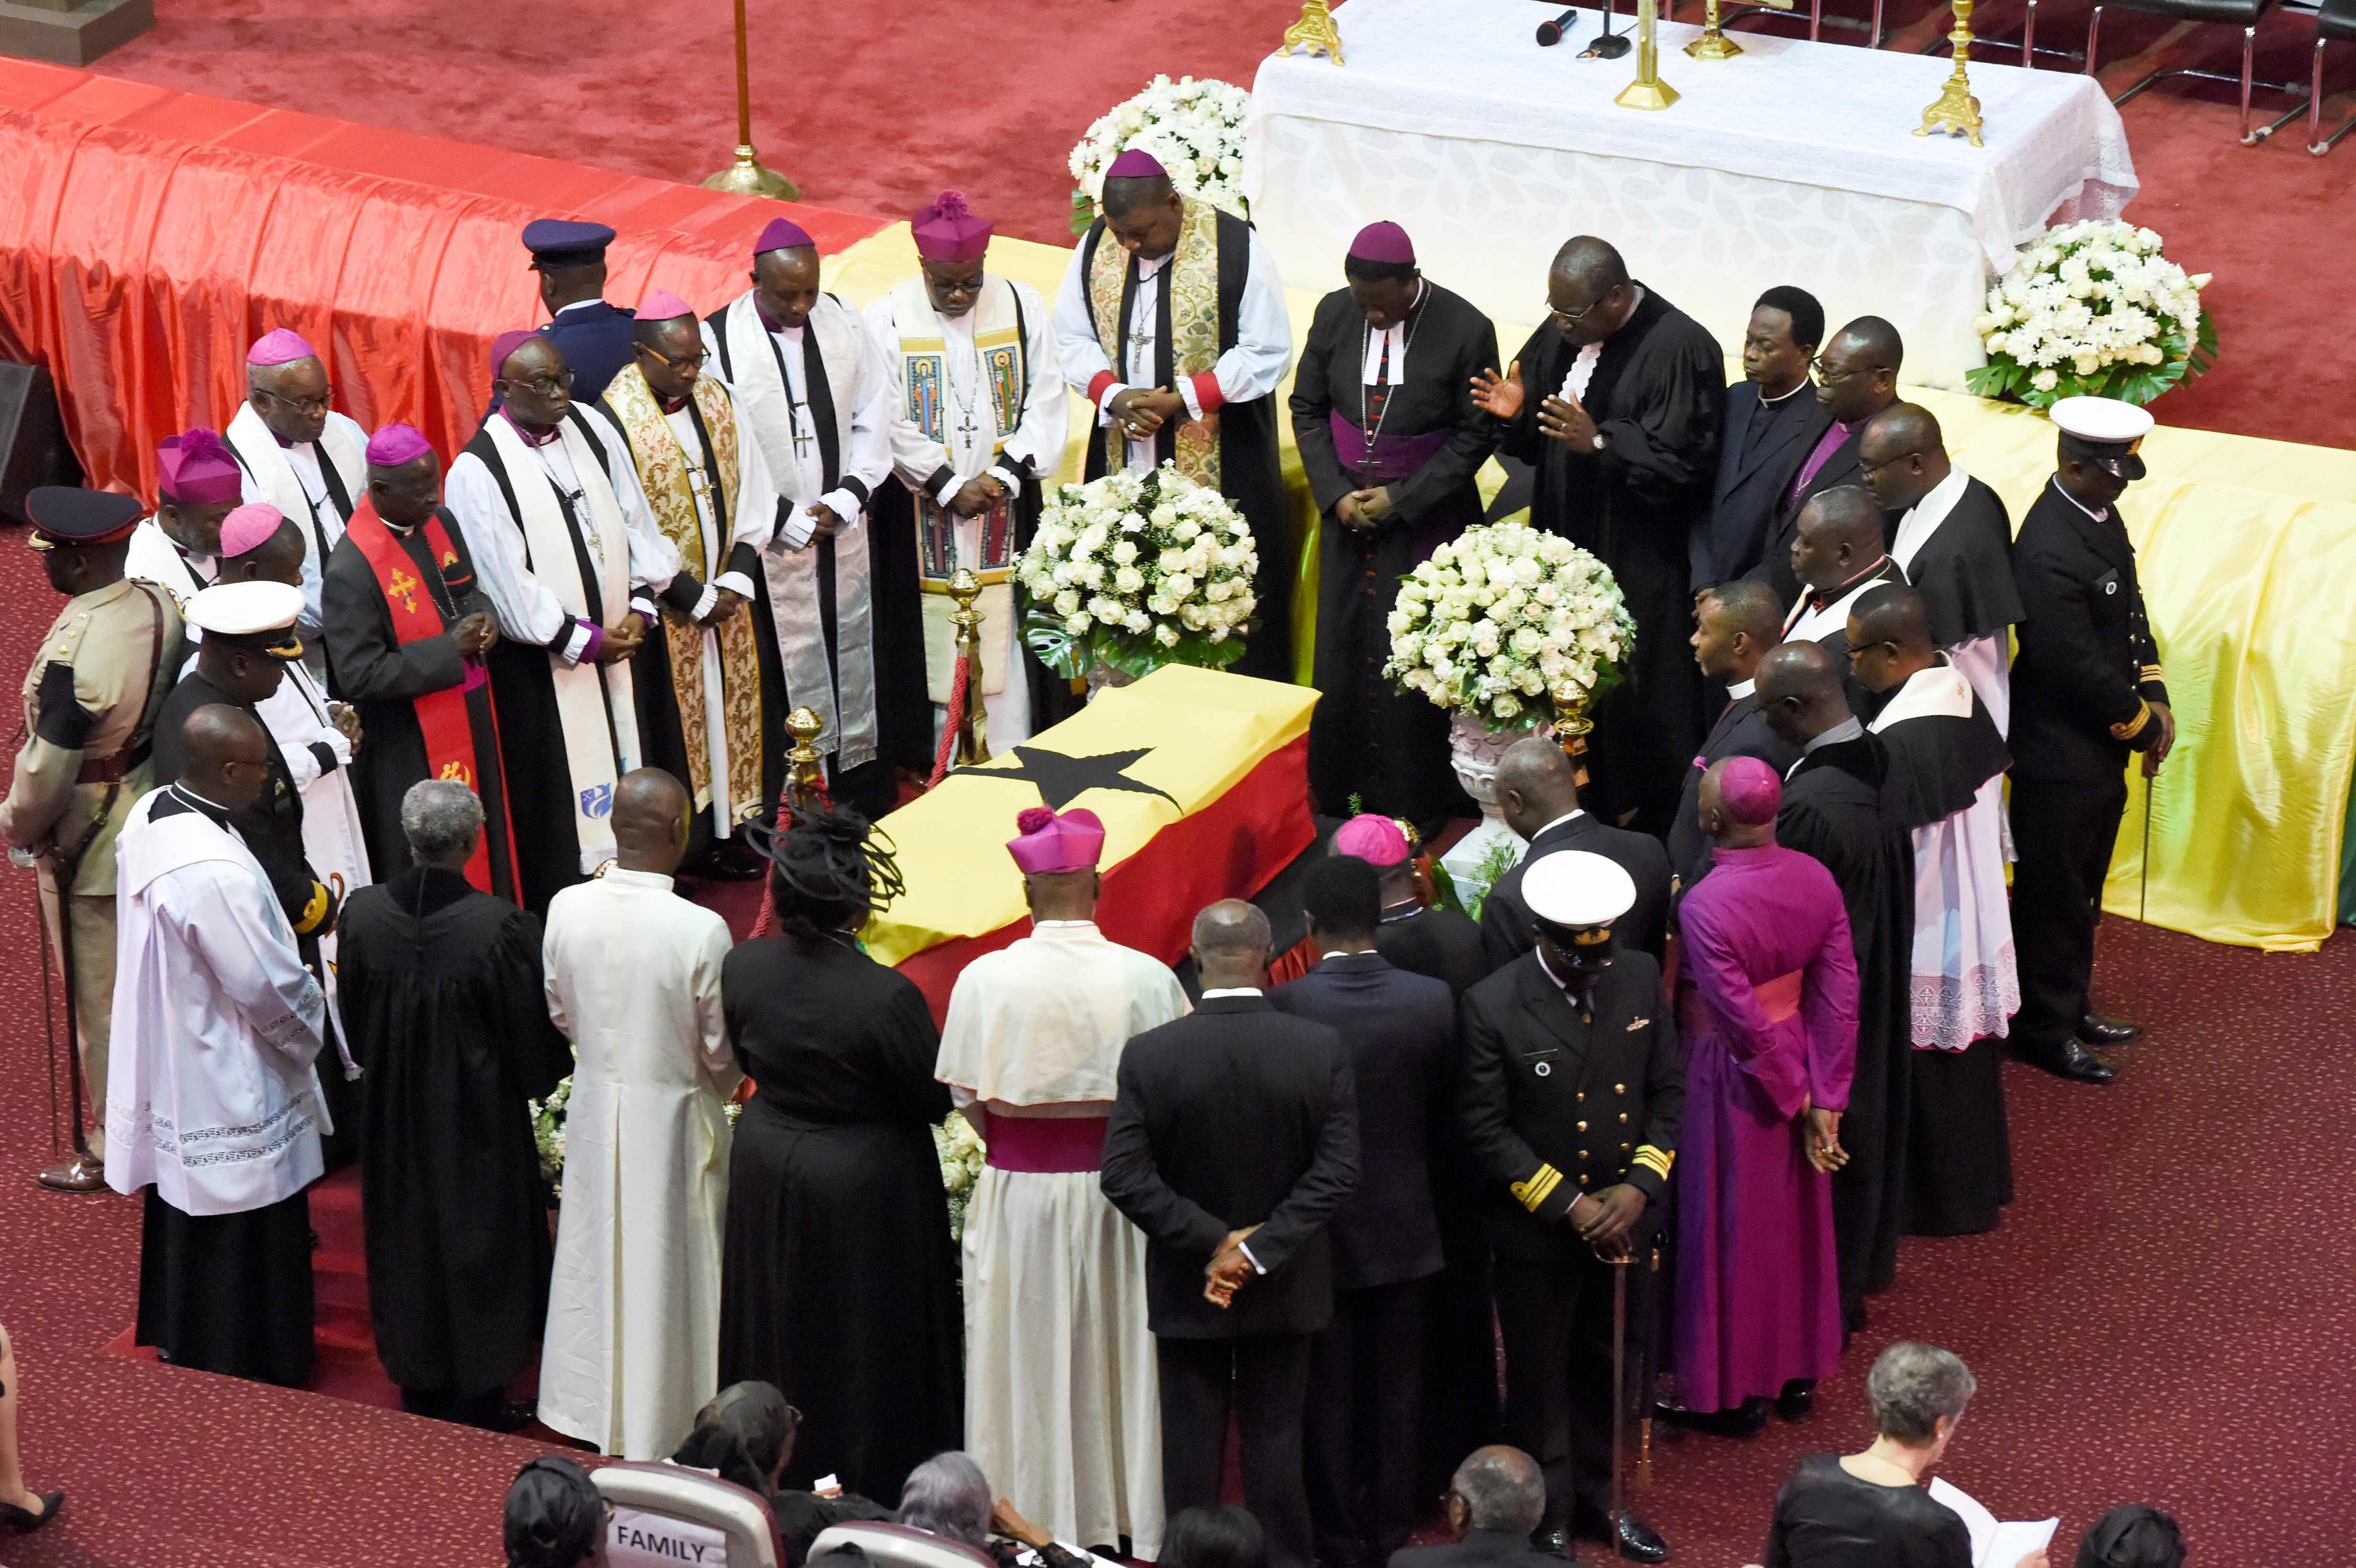 زعماء العالم السابقين والحاليين والقادة المحليين وشخصيات من العائلات الملكية يقفون حول الجثمان